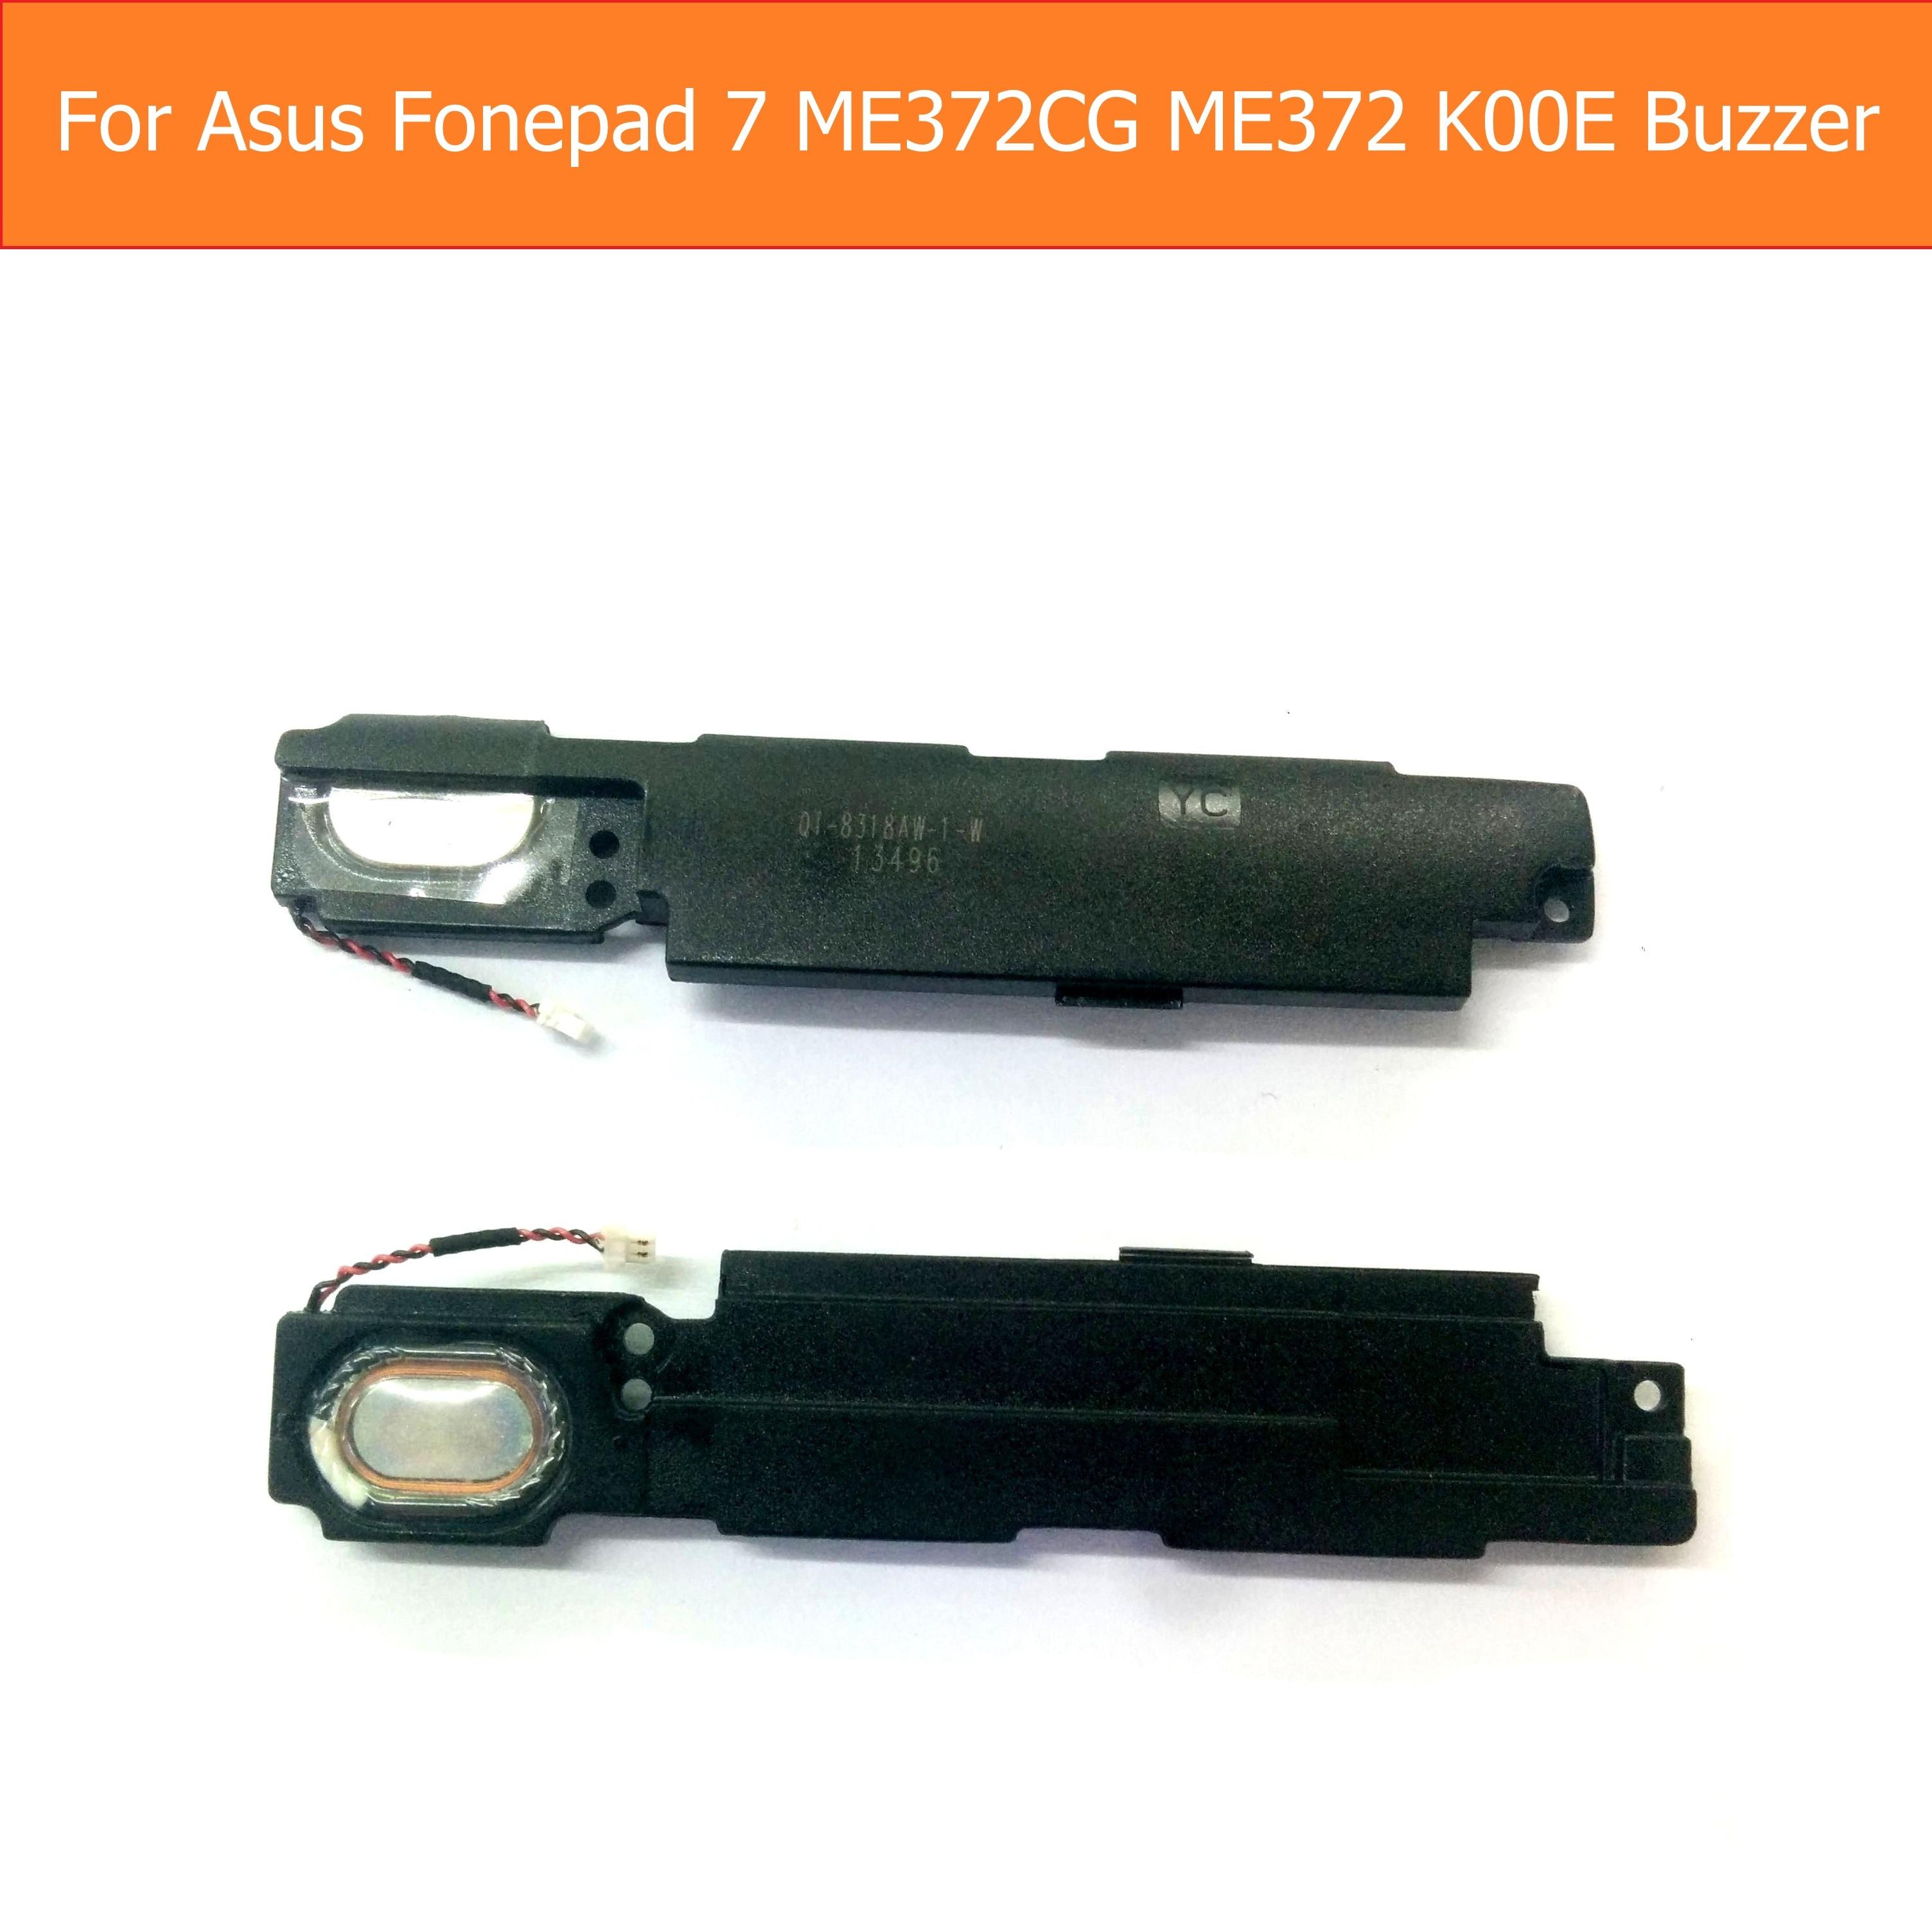 Haut-parleur pour Asus Fonepad 7 ME372CG, ME372, K00E